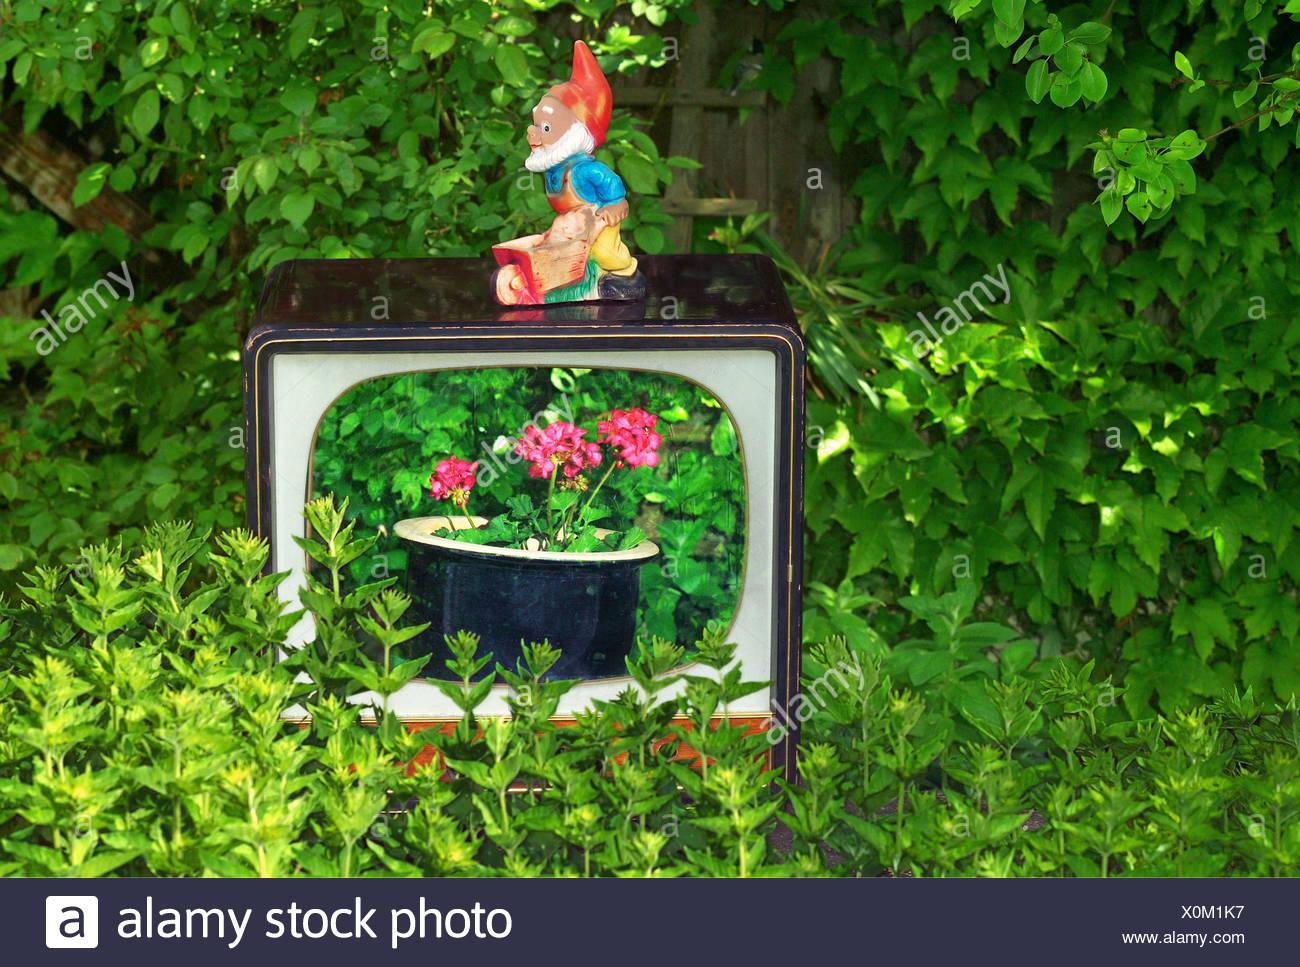 Decorazioni Da Giardino : Stranezza gnomo da giardino in piedi sul caso tv decorazione